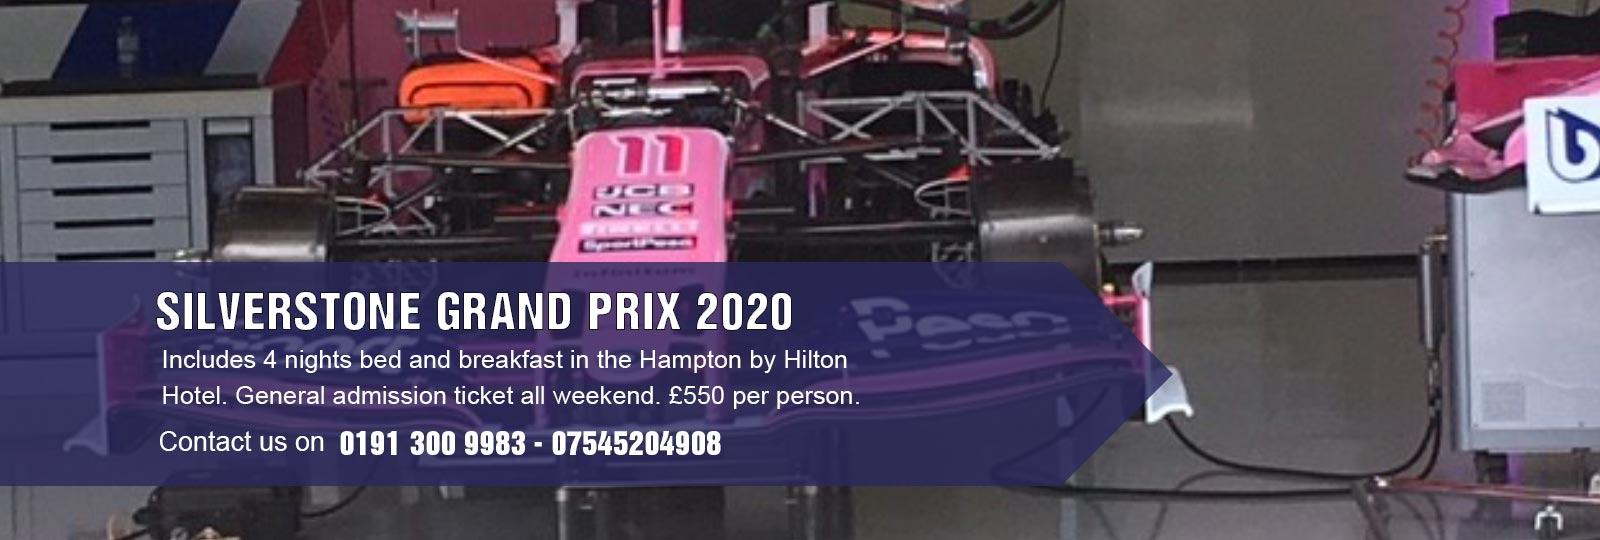 Silverstone-Grand-Prix-2